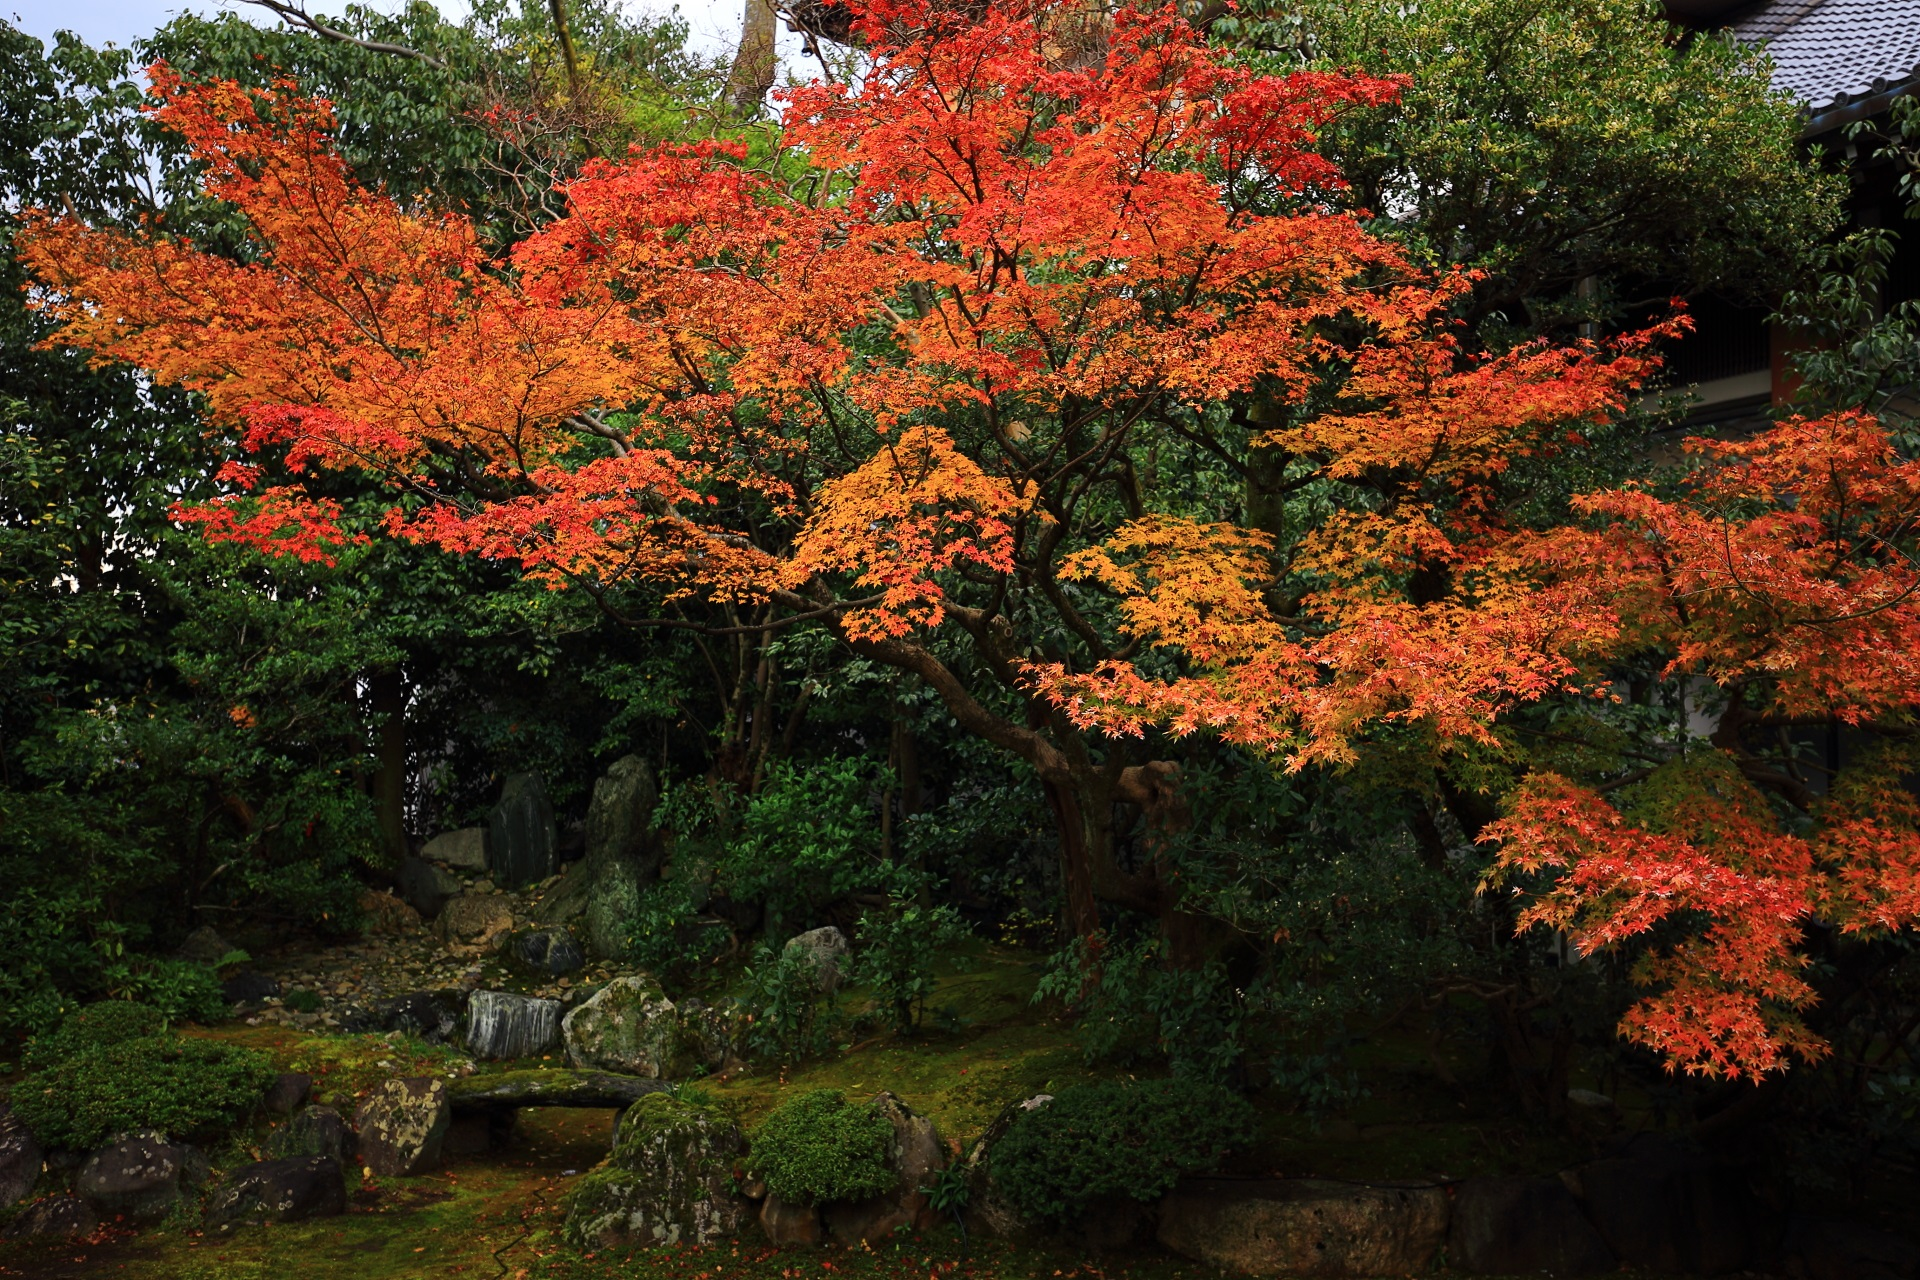 本法寺の庭園正面奥の築山と枯瀧を彩る鮮やかなオレンジ色の紅葉